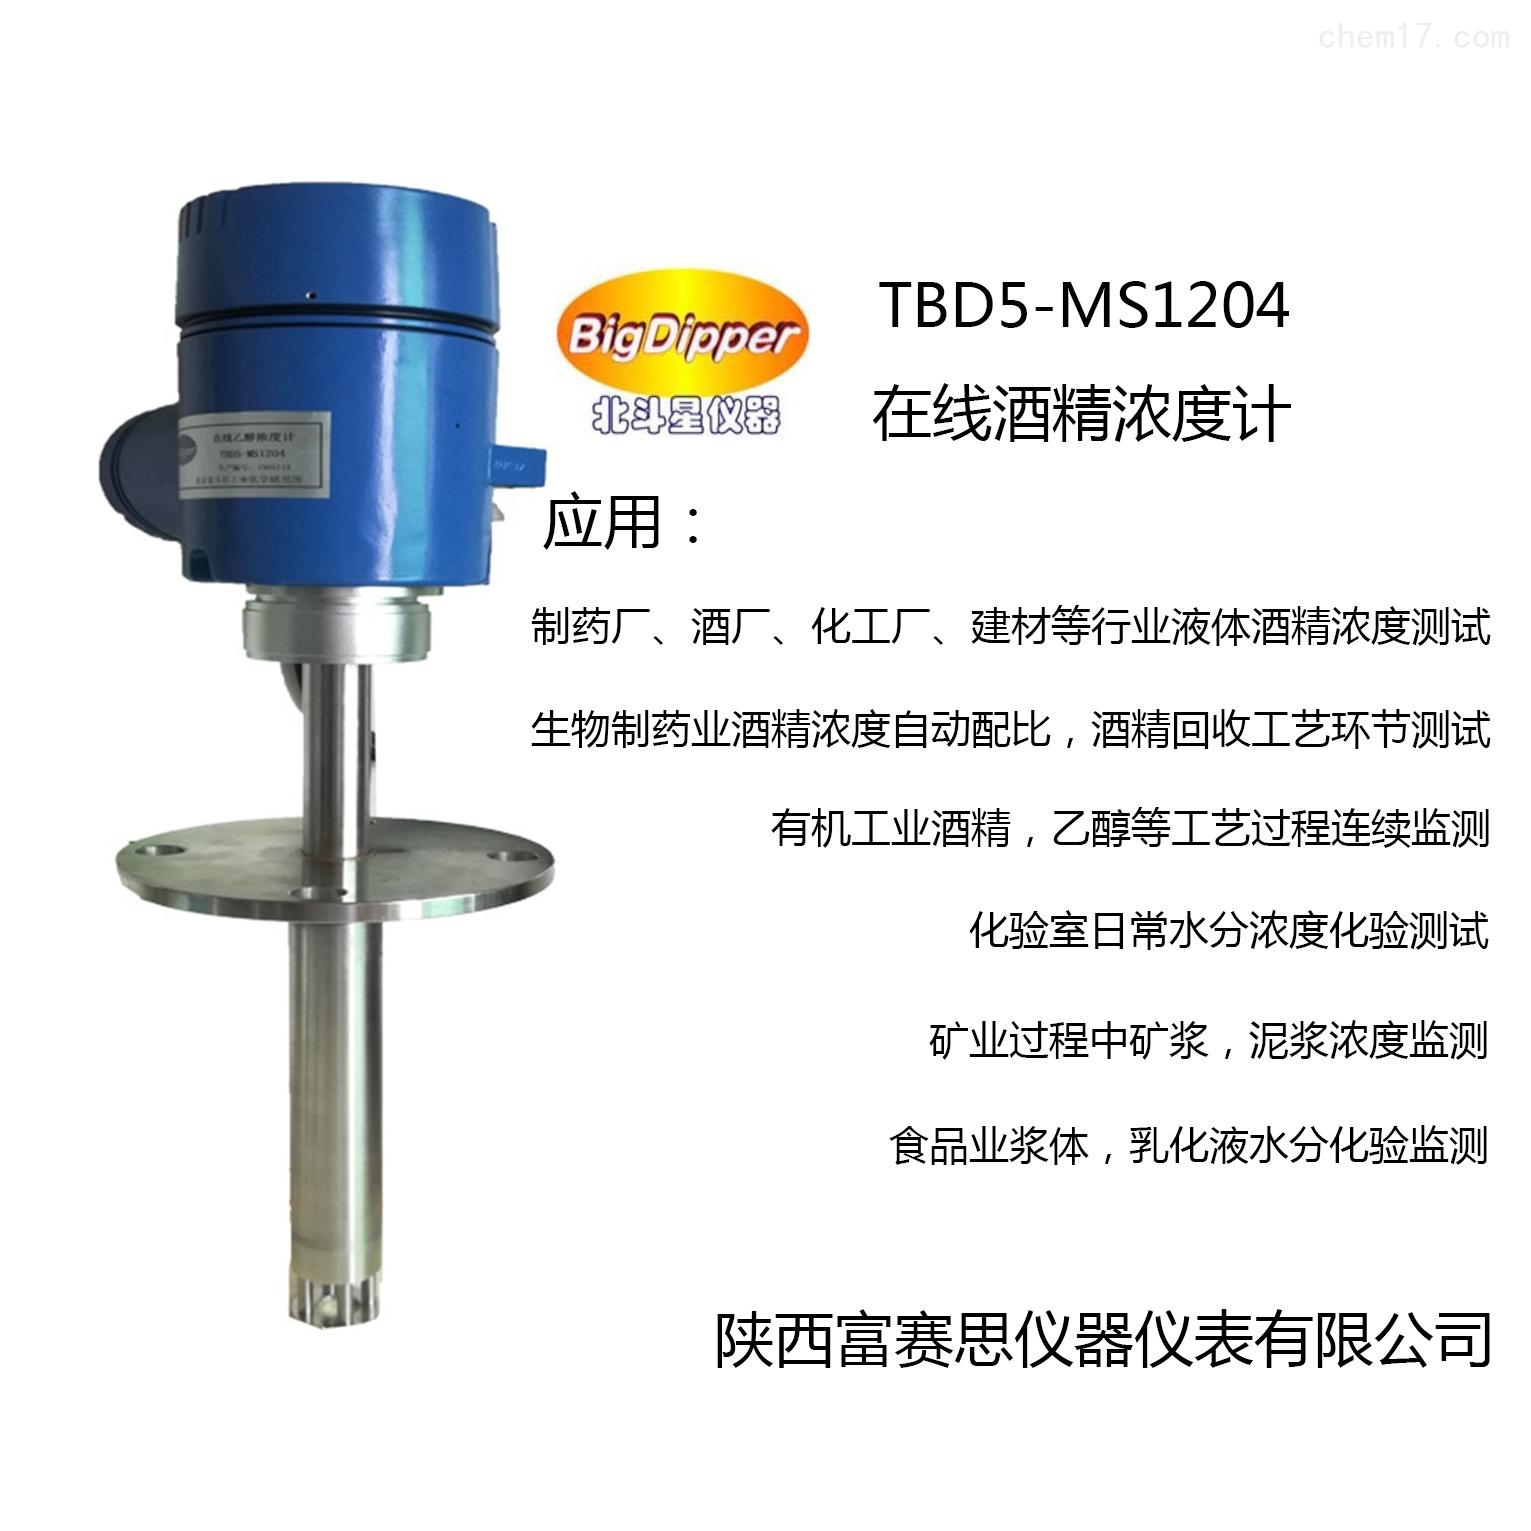 乙醇浓度仪